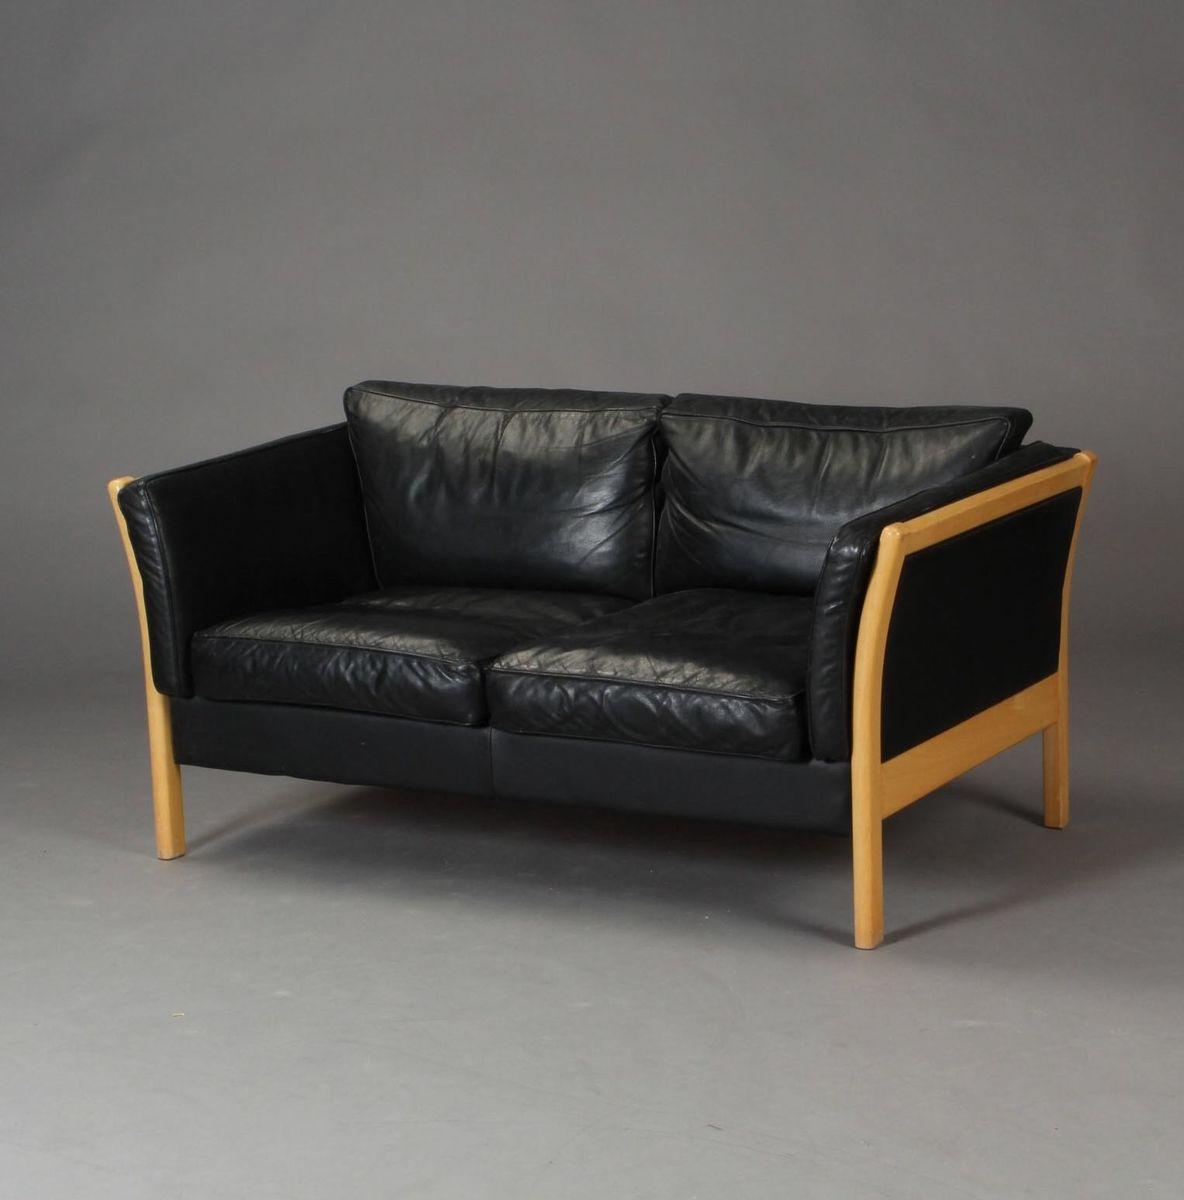 d nisches 2 sitzer sofa aus lackierter buche und schwarzem leder bei pamono kaufen. Black Bedroom Furniture Sets. Home Design Ideas